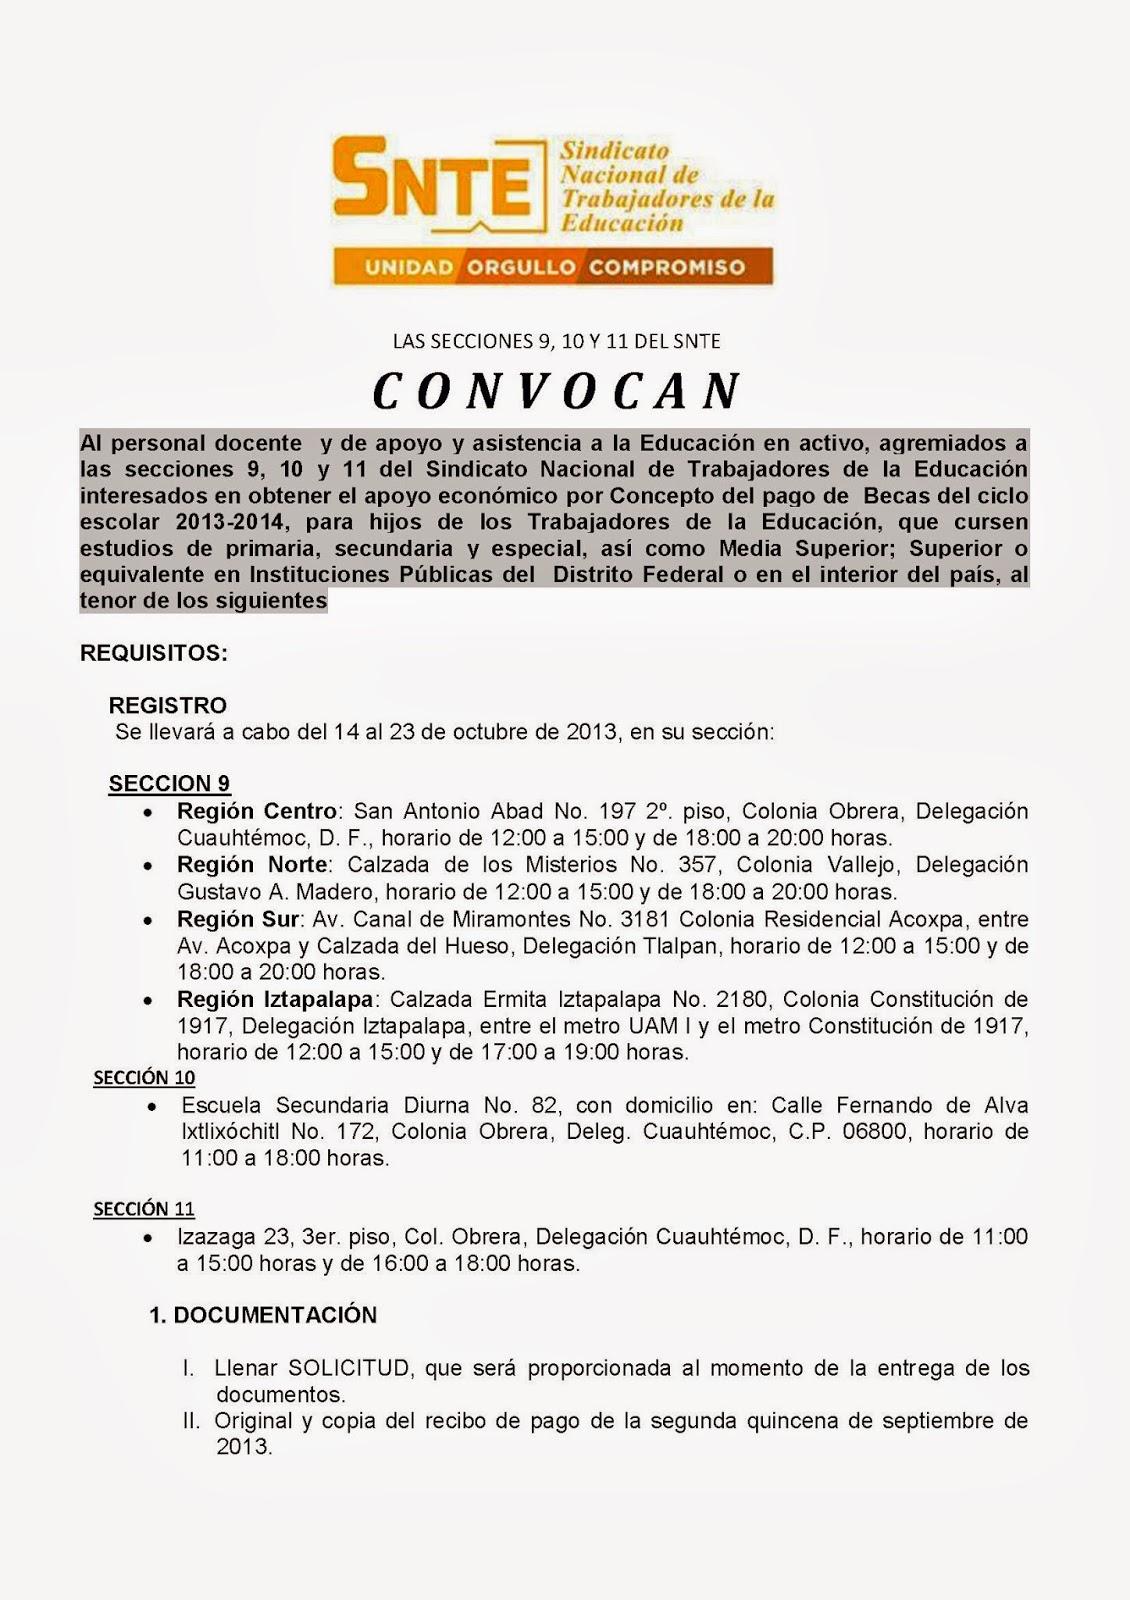 Delegacion sindical secundaria diurna no 83 presidente for Convocatoria para docentes